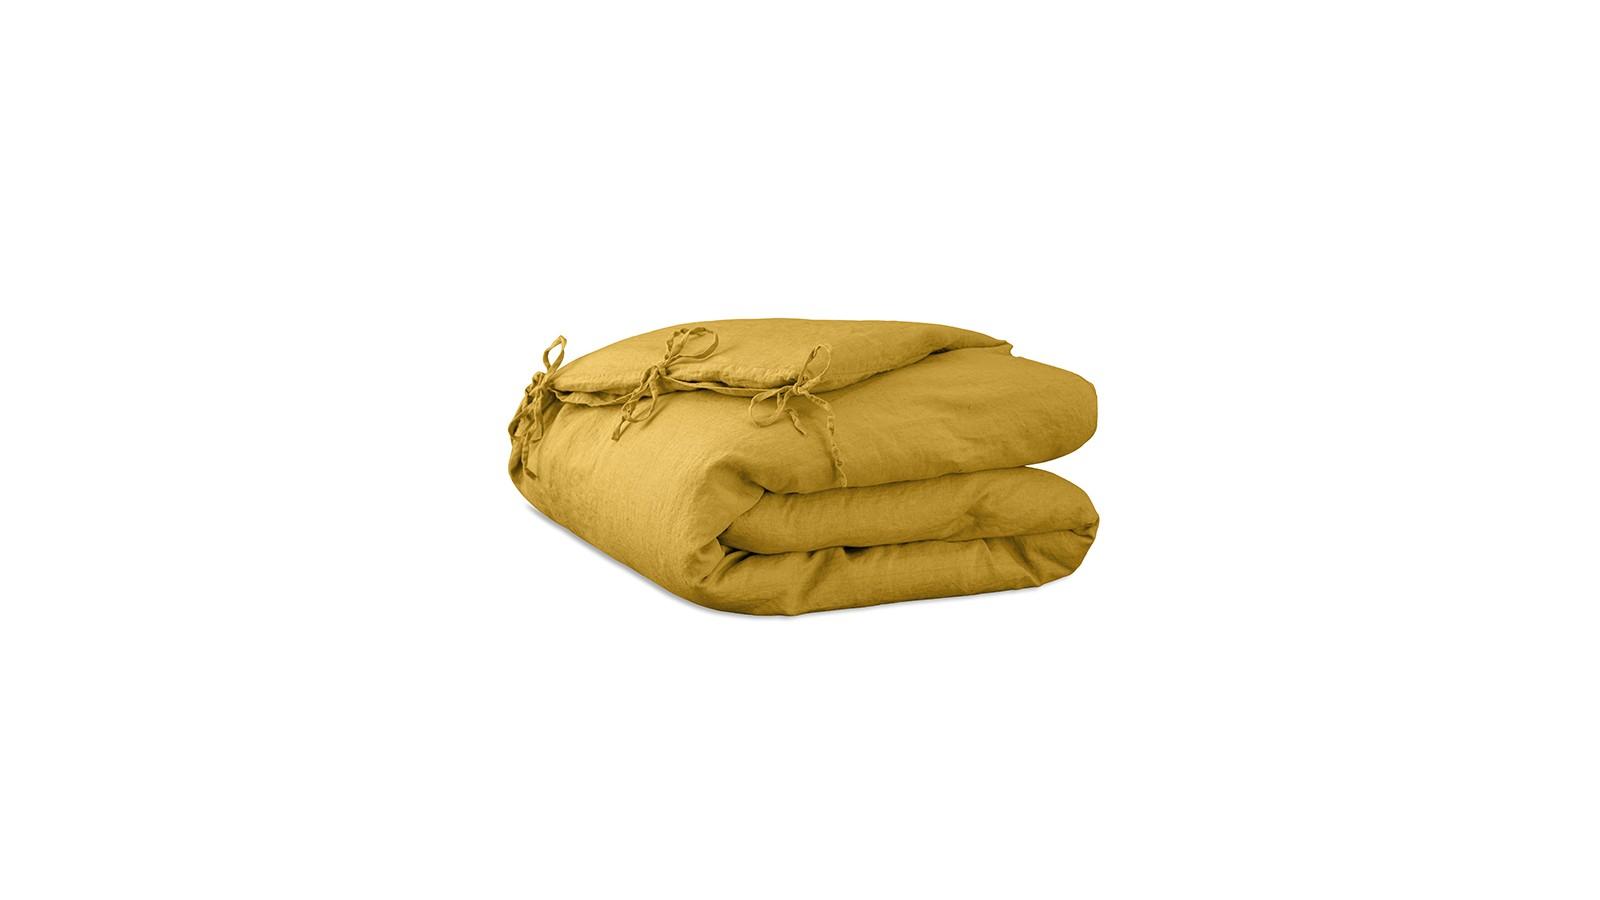 Housse d'édredon 110 x 160 cm en lin lavé uni Jaune Safran